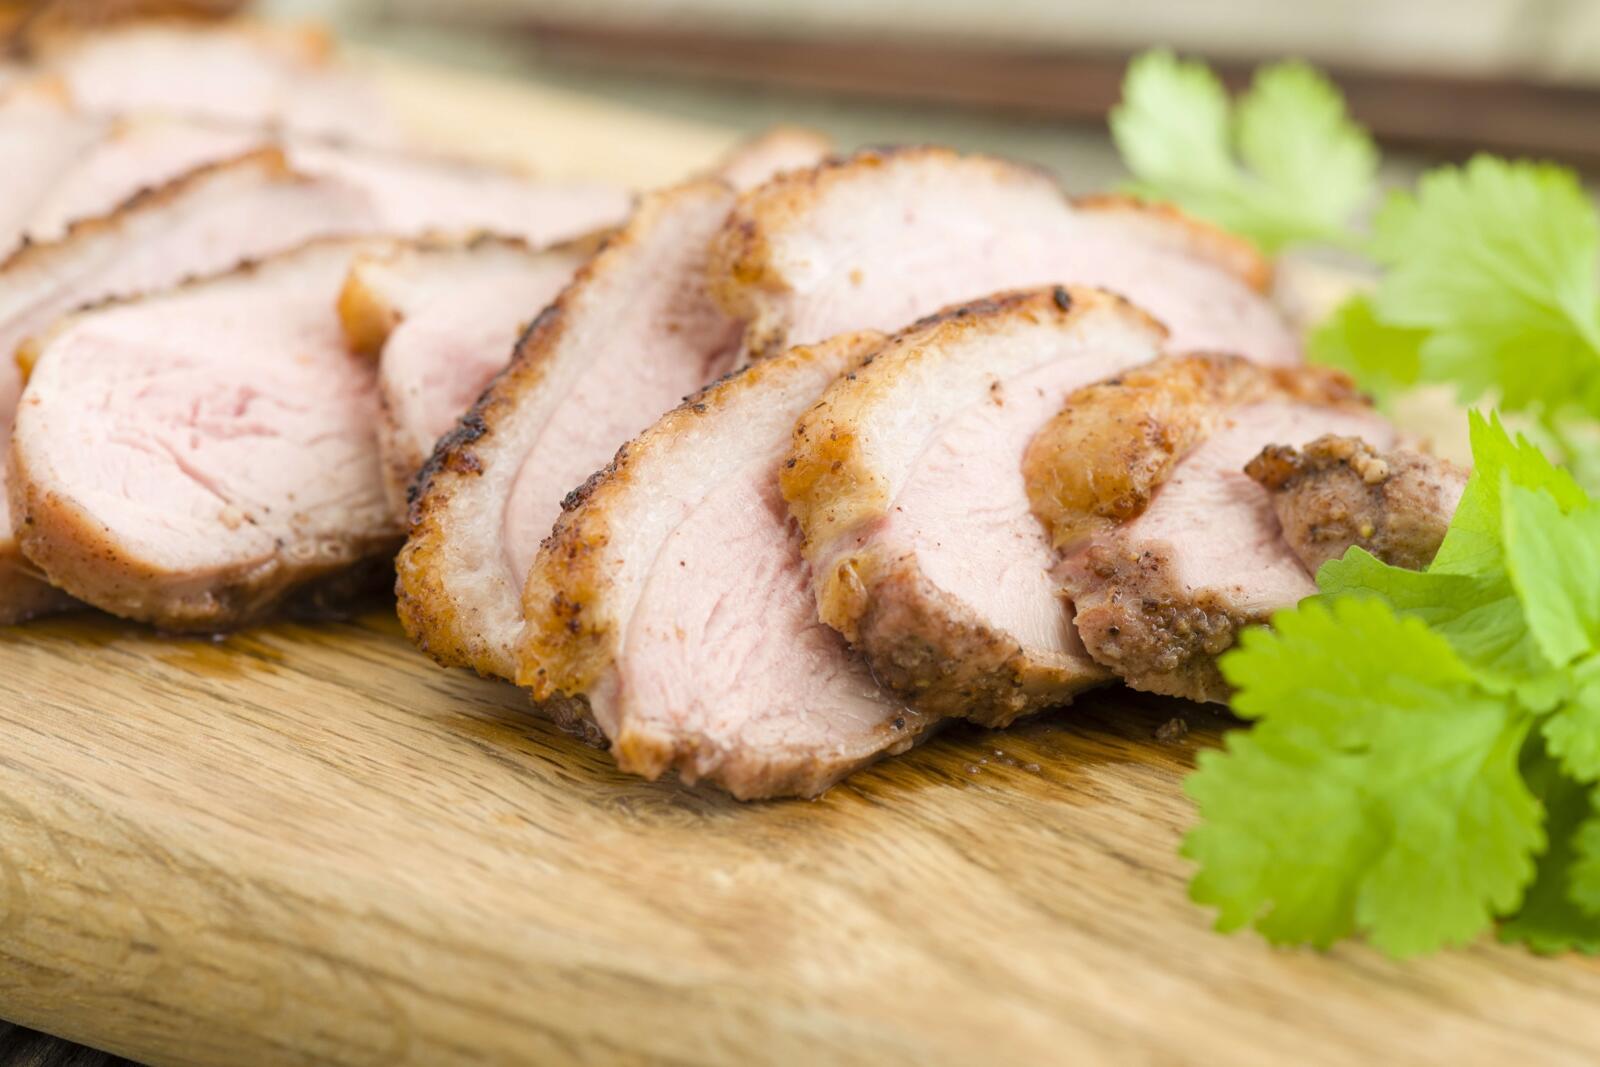 vlees opwarmen oven